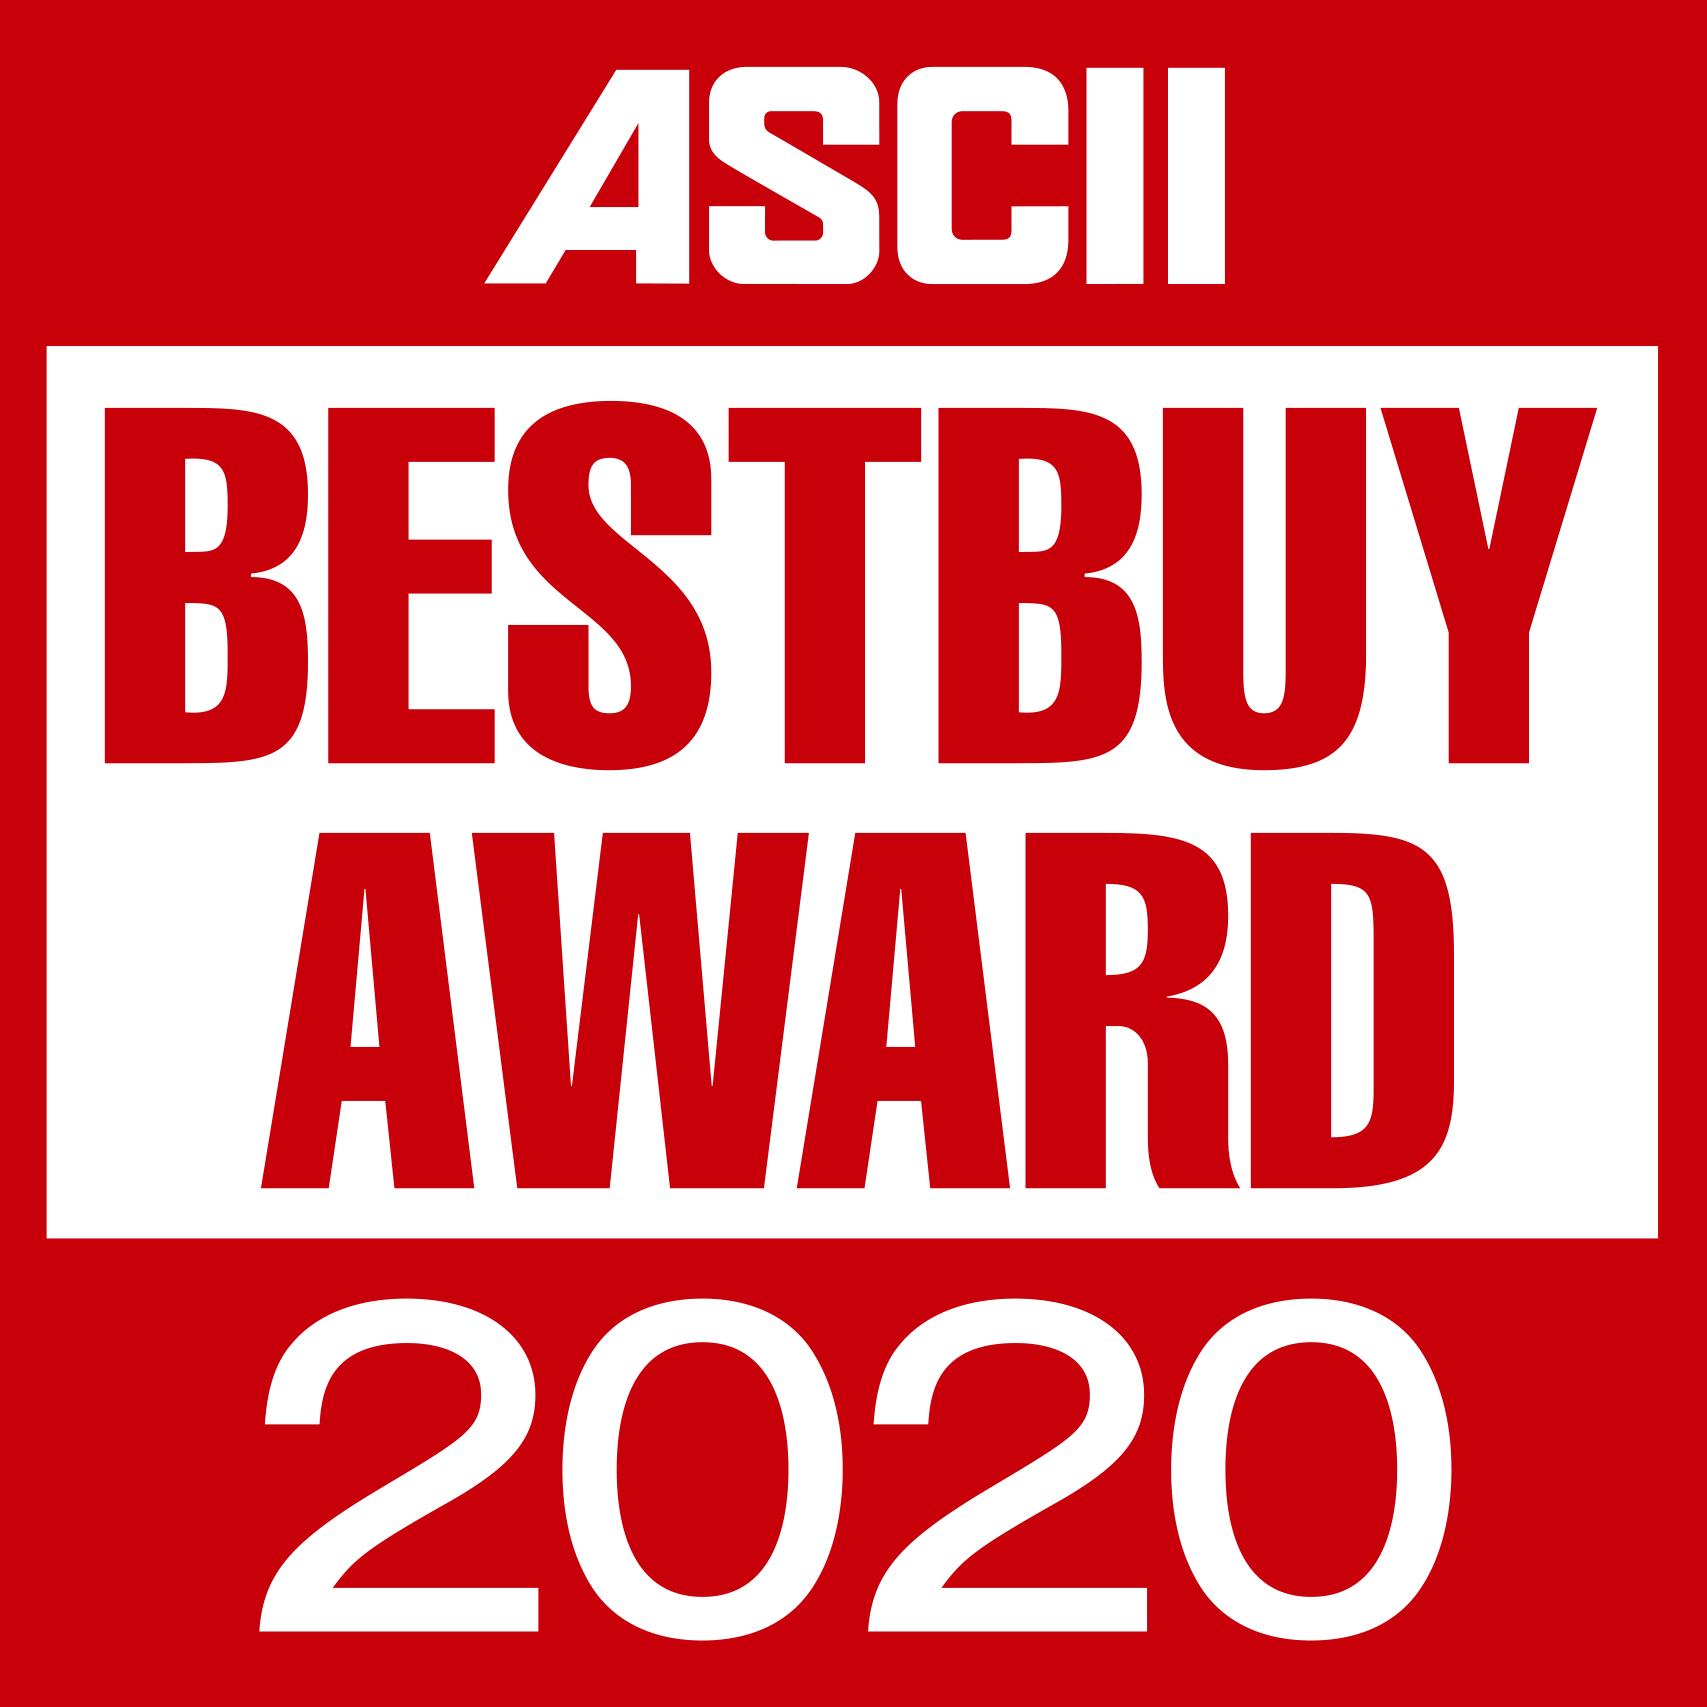 ASCII BESTBUY2020